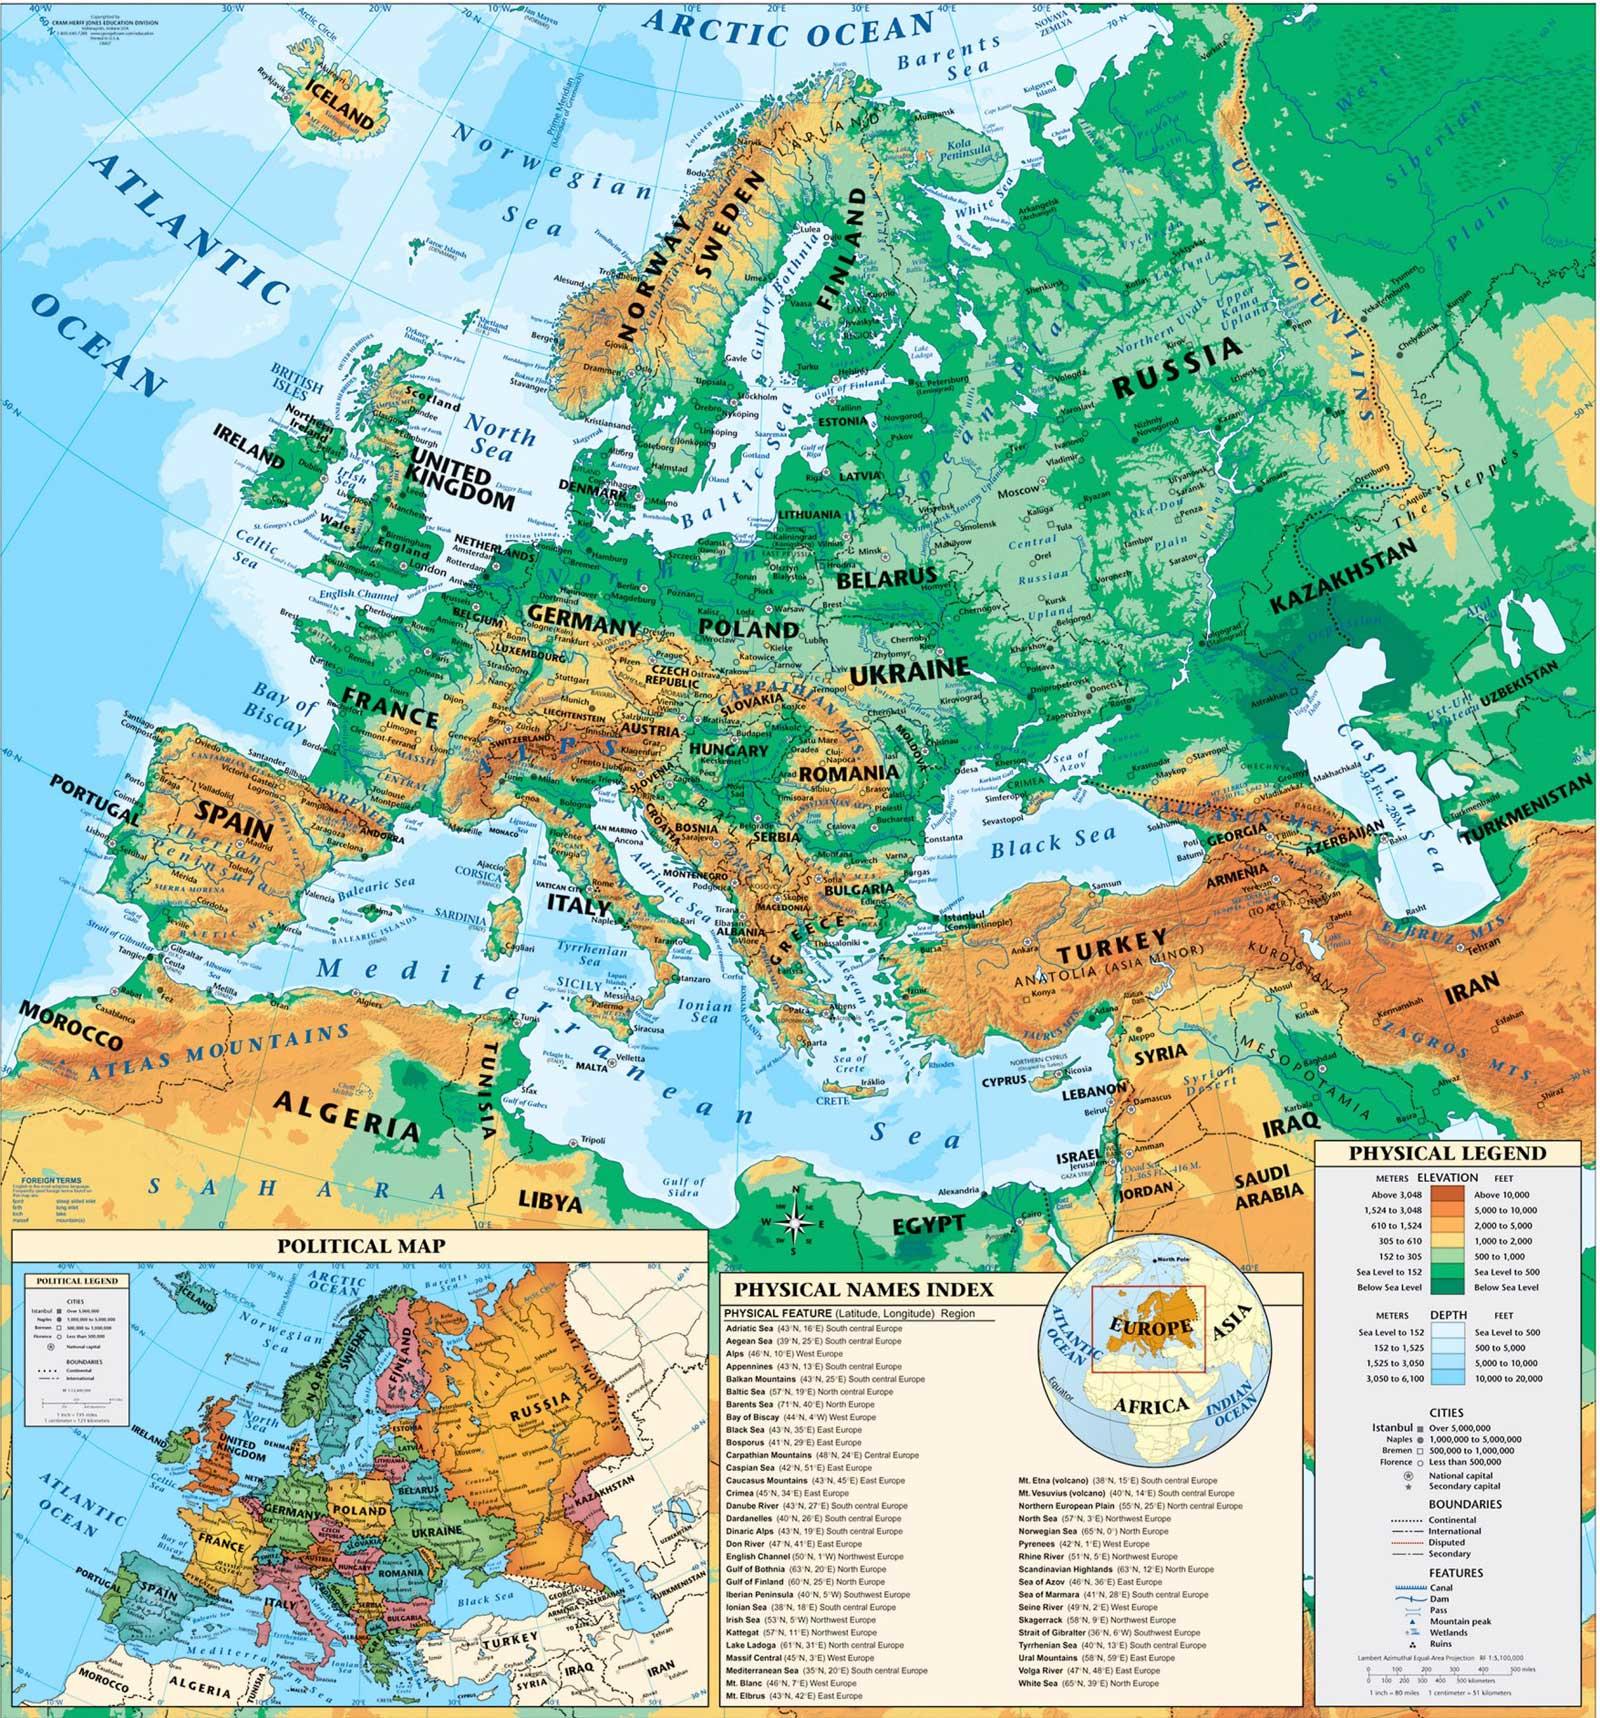 Mapa físico de Europa - Tamaño completo